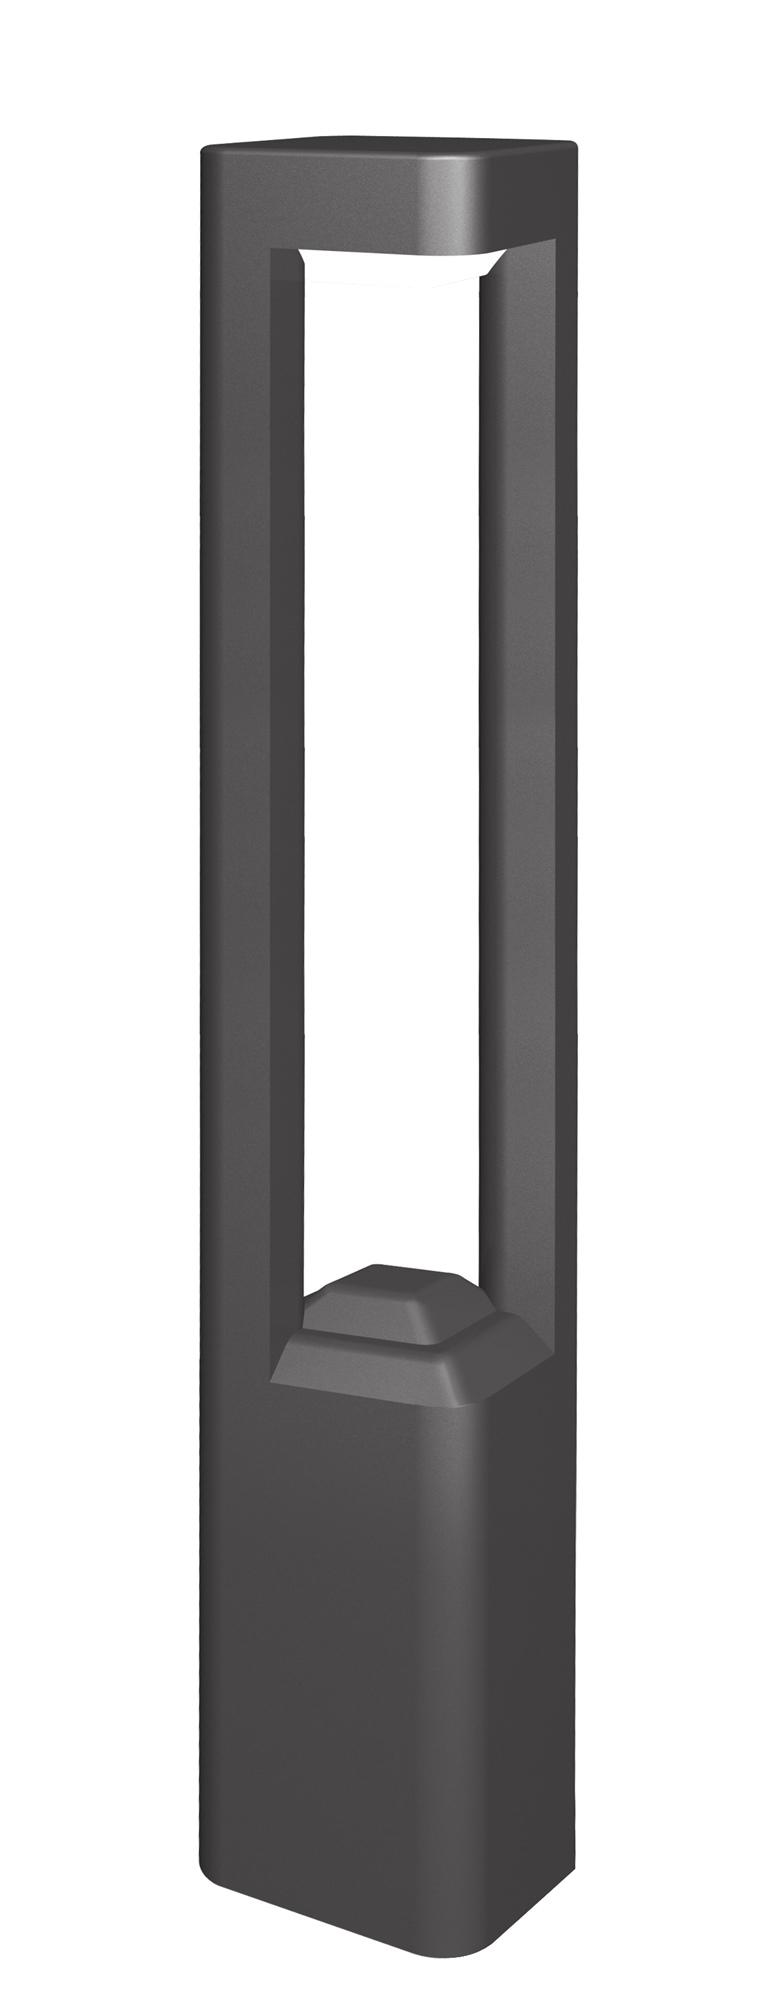 Lampenlux LED Außenleuchte Faustino Aluminium Schwarz 60W LED 500lm 3000K IP54 Ø12cm